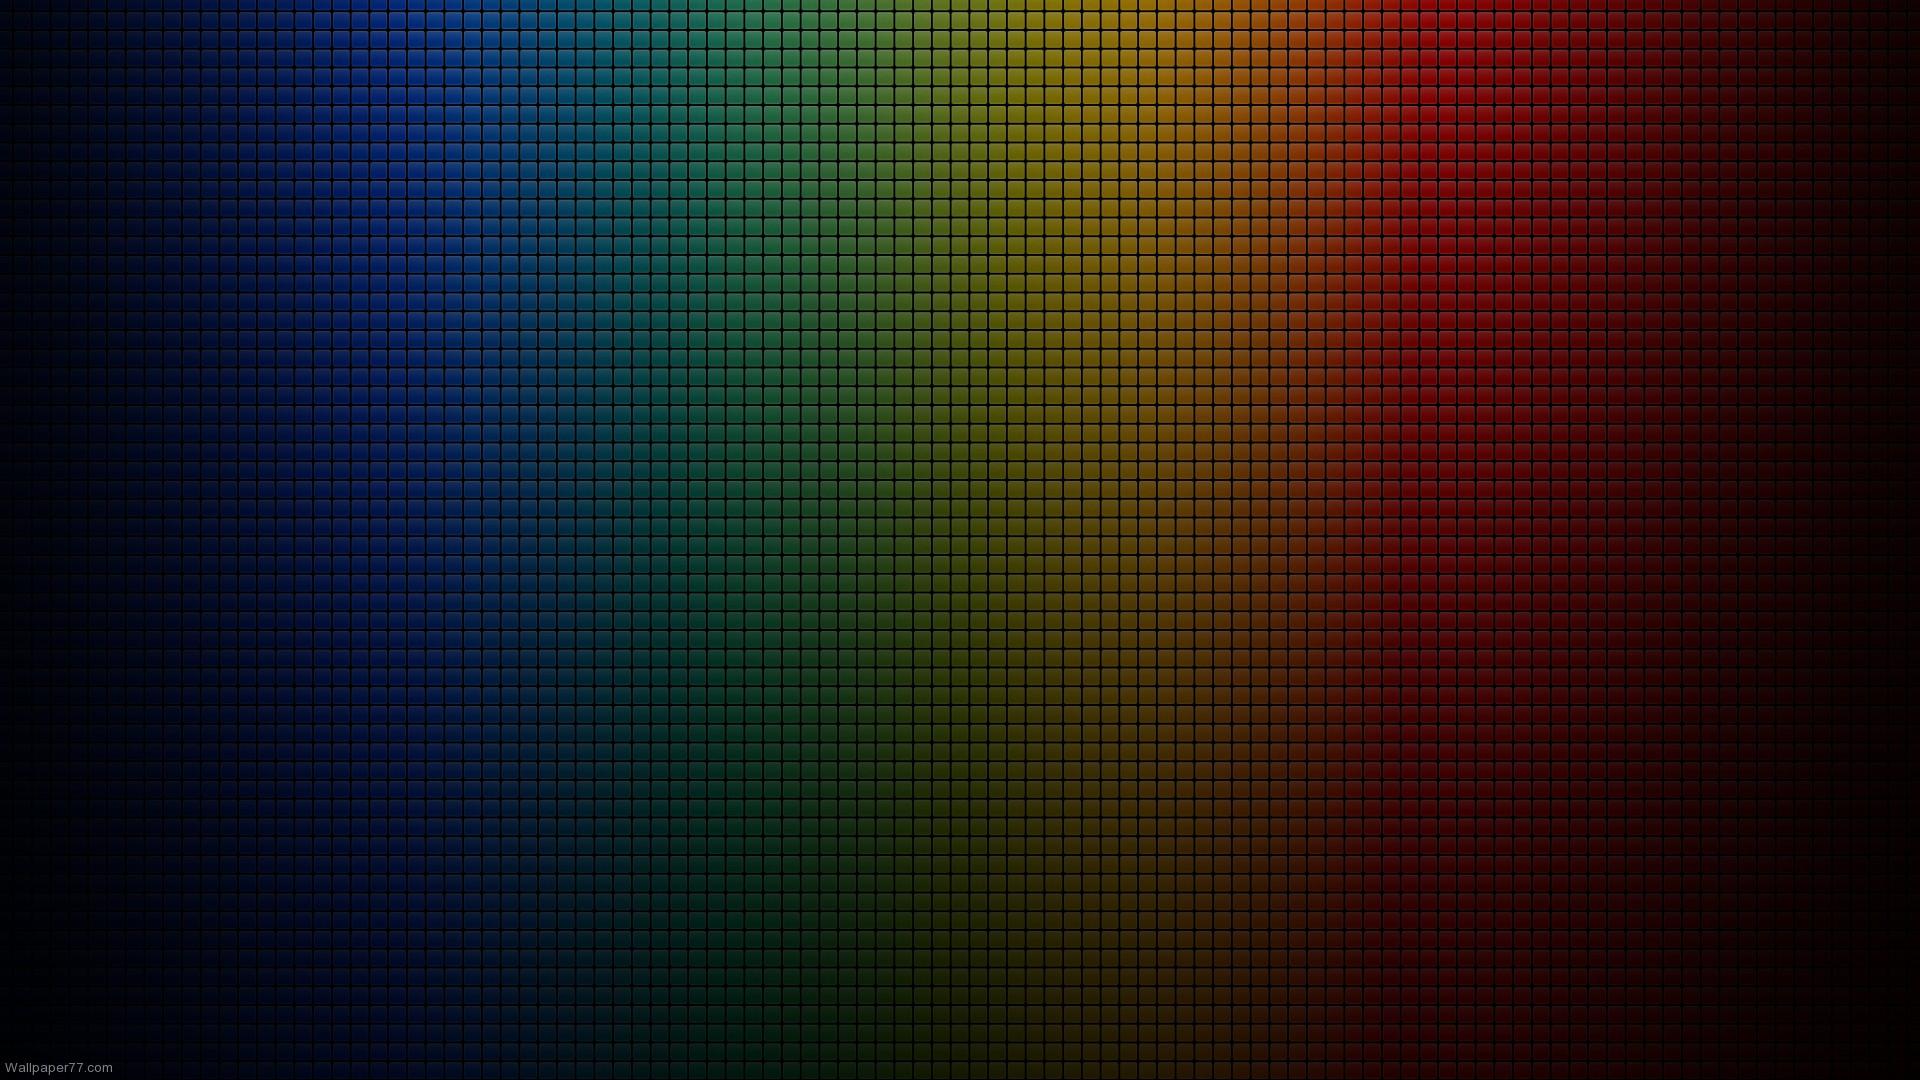 ipad 3 wallpaper ipad wallpaper retina display wallpaper the new ipad 1920x1080